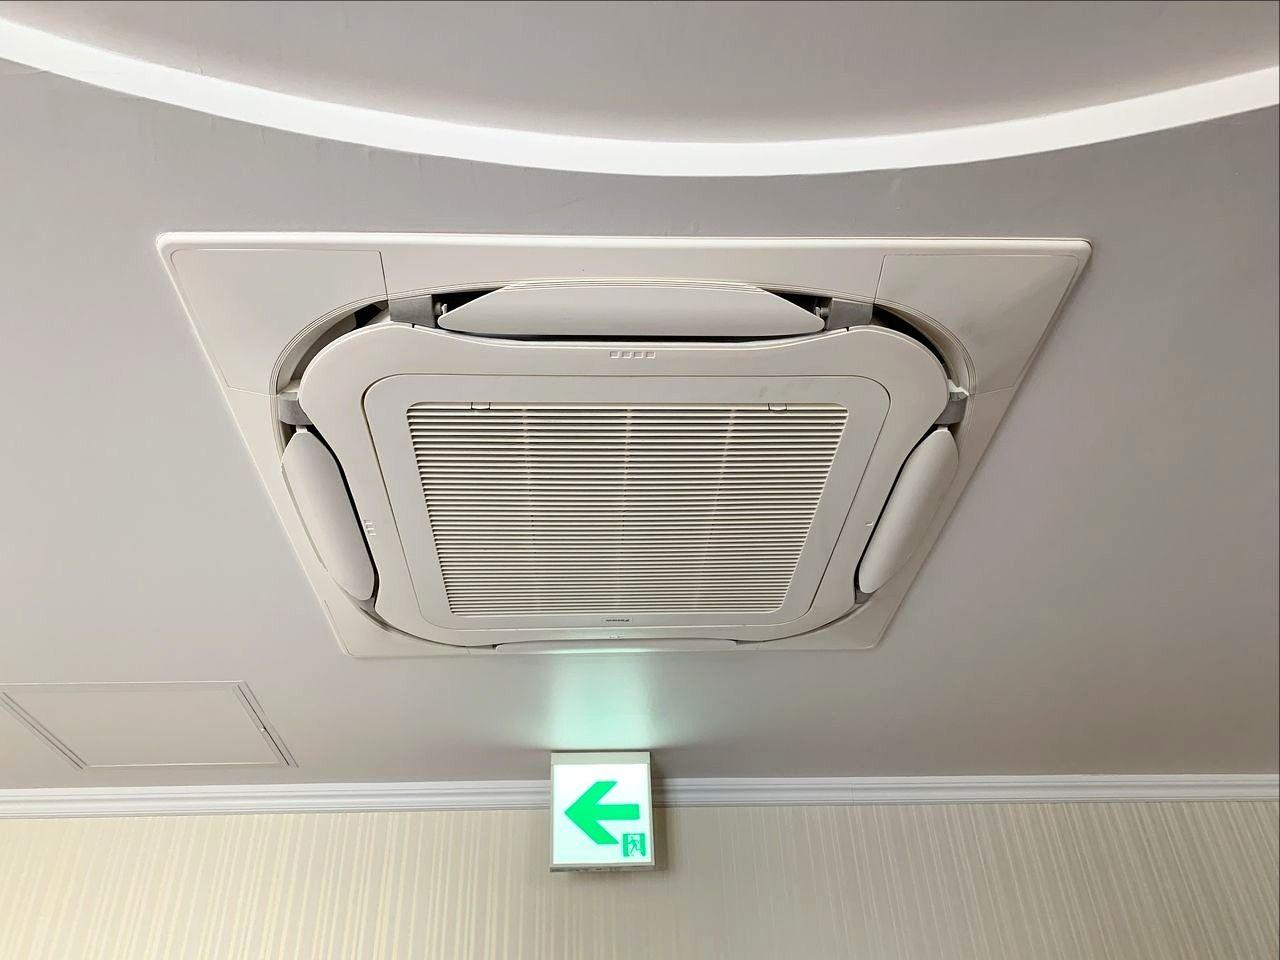 ア・ス・ヴェルデホールロビーのエアコンフィルターを清掃しました!